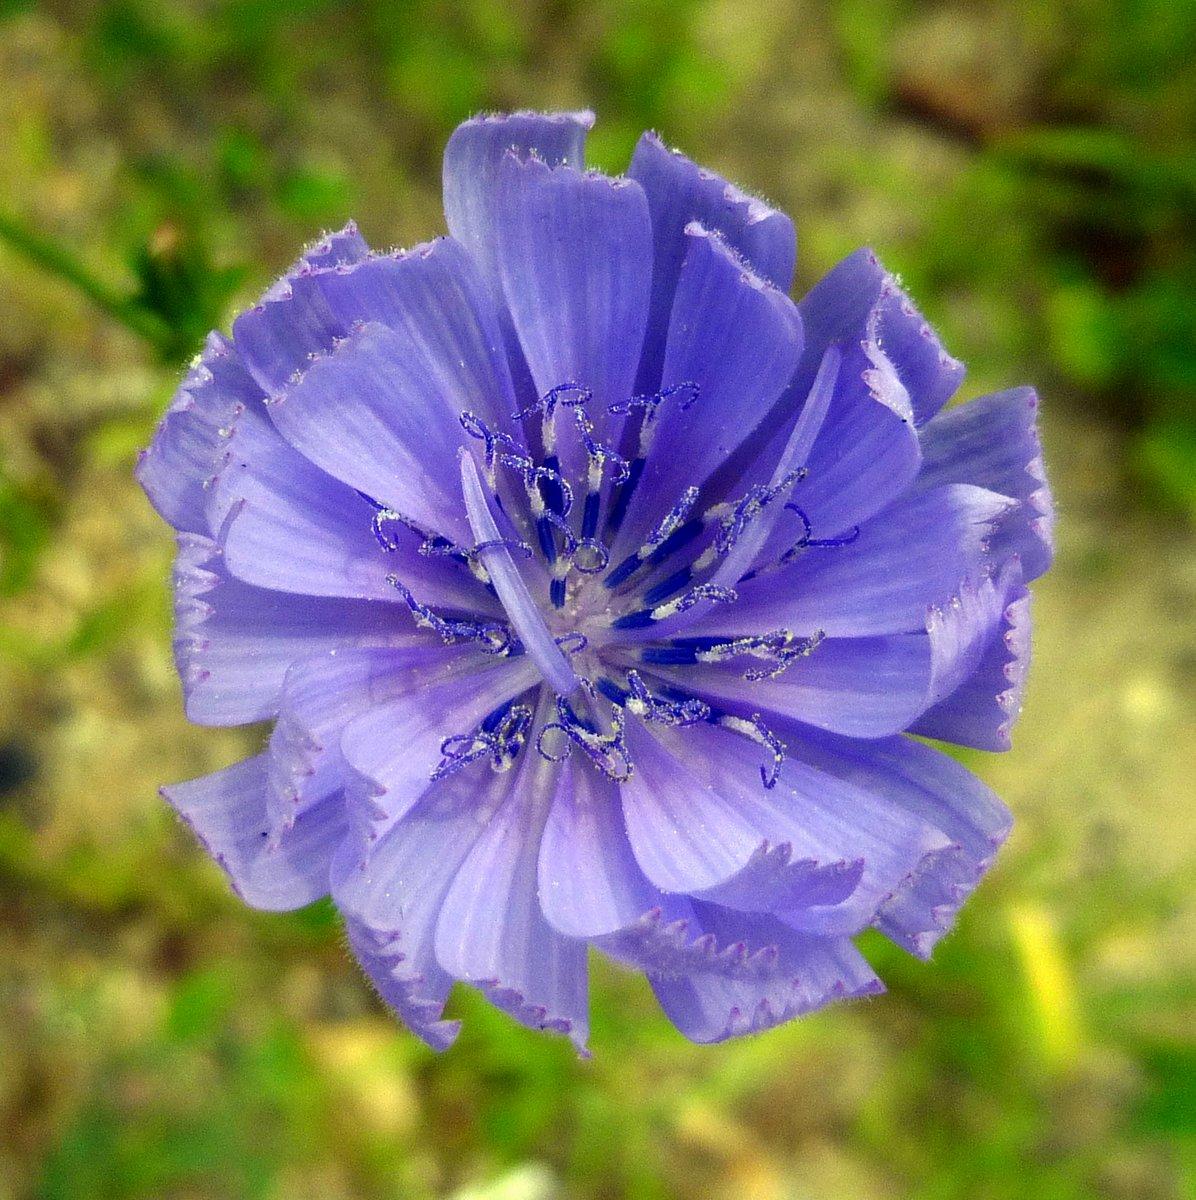 5. Chicory Blossom